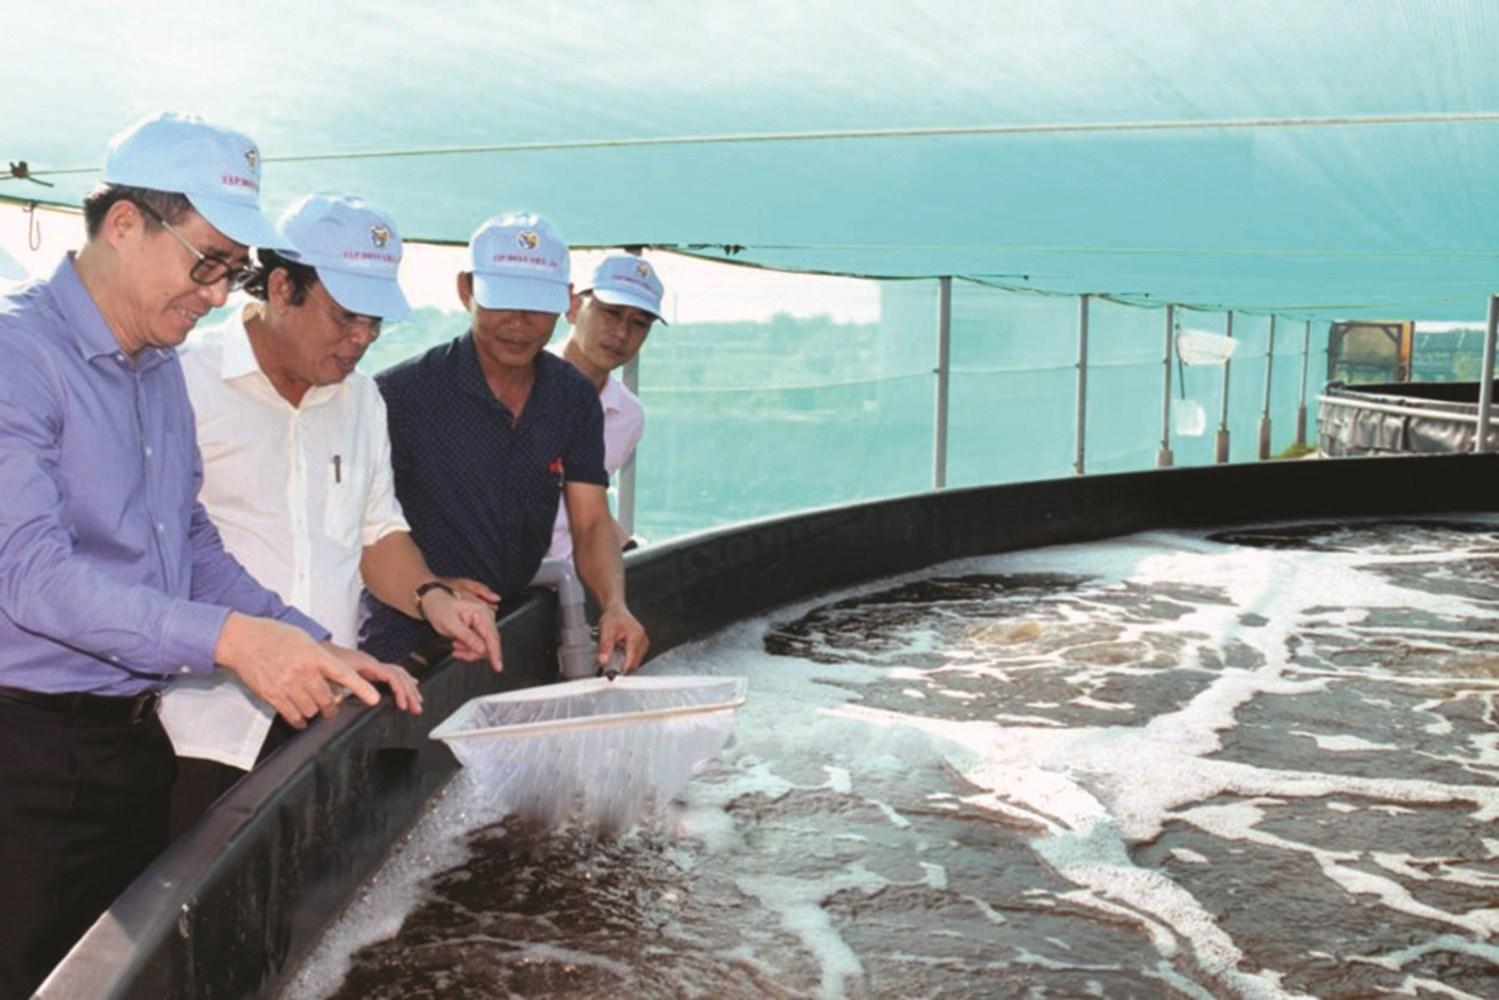 Ông Nguyễn Quang Dương, Bí thư Tỉnh ủy Bạc Liêu (áo xanh) và ông Dương Thành Trung, Chủ tịch UBND tỉnh Bạc Liêu thăm mô hình nuôi tôm của HTX Công nghệ cao phát triển tôm Bạc Liêu